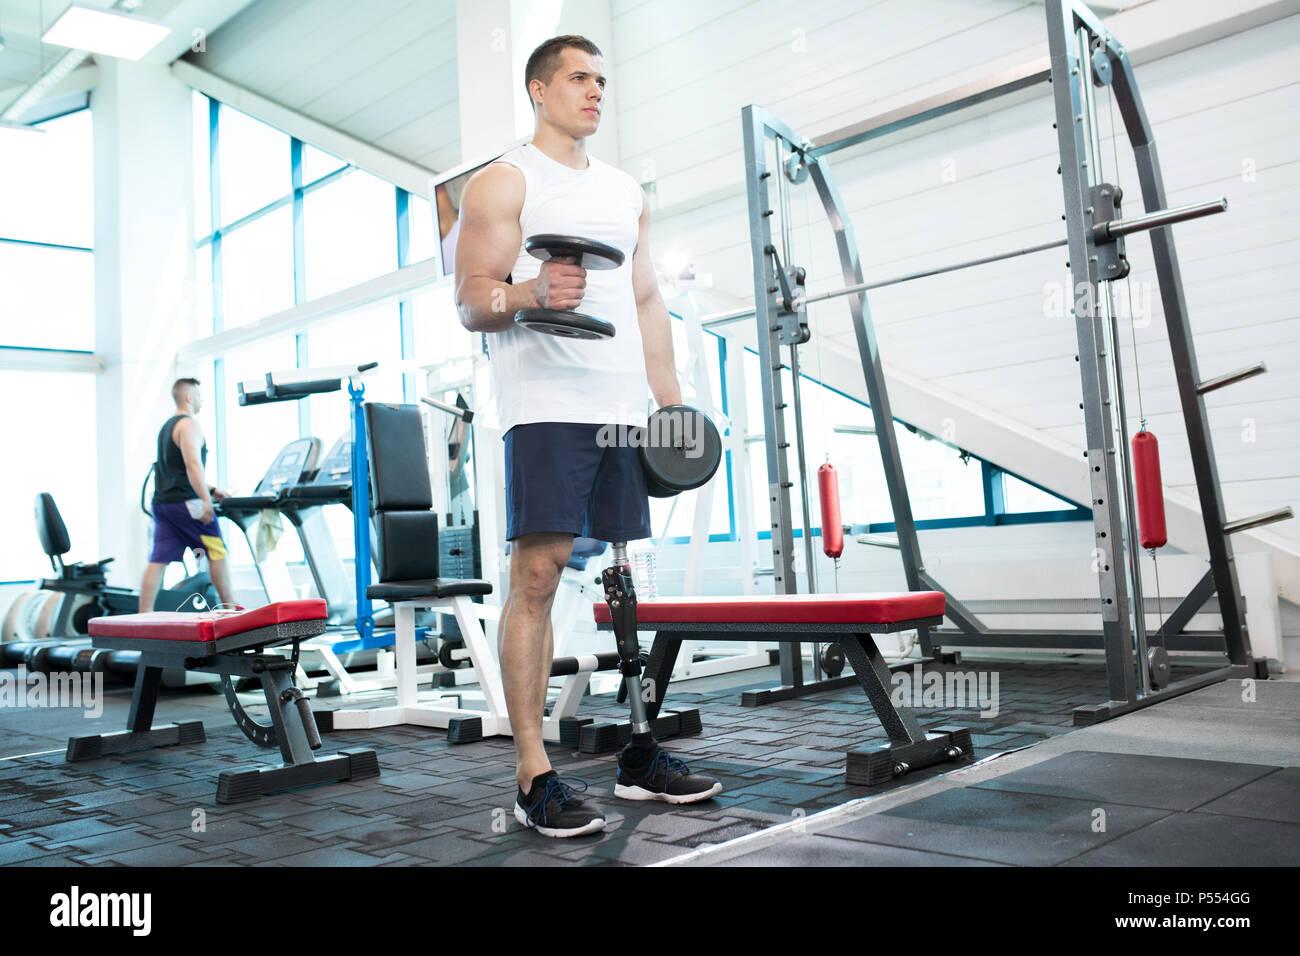 Homme avec prothèse de sport en formation Photo Stock